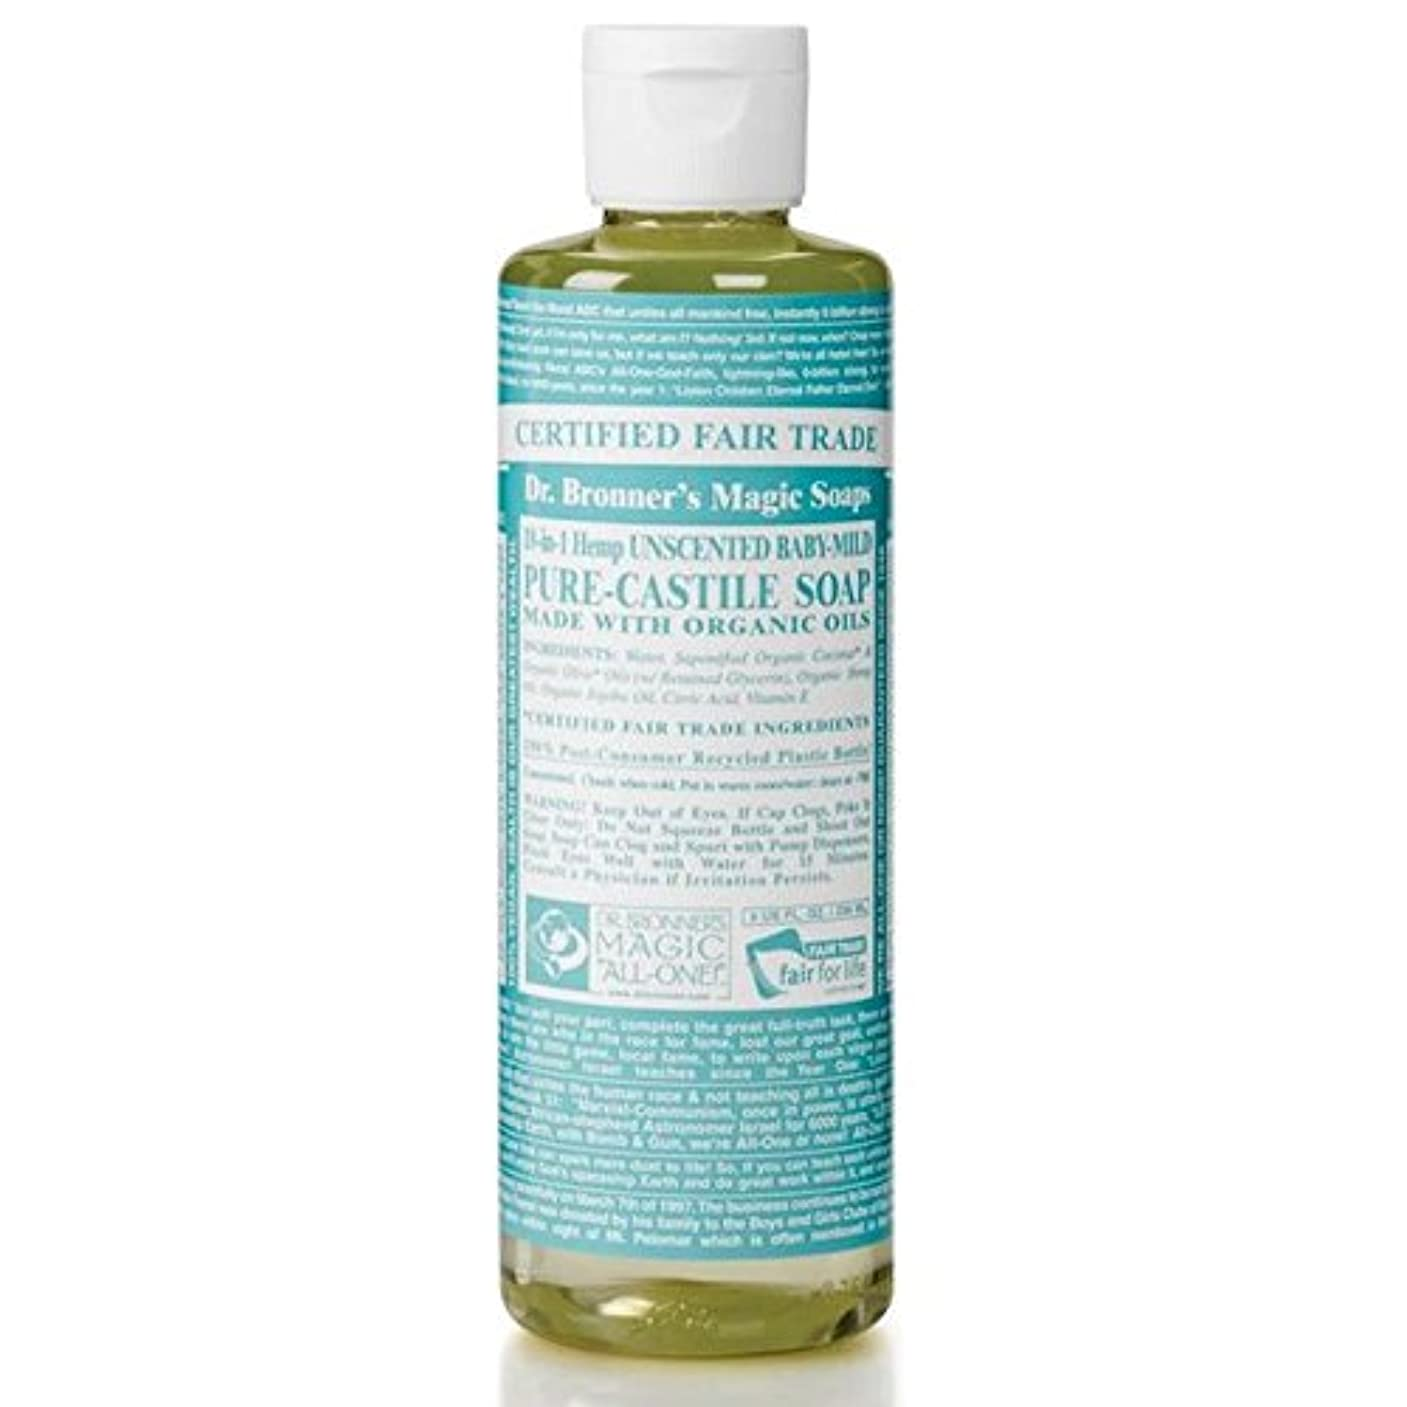 ミトンハンサム農村のブロナーオーガニックベビーマイルドなキャスト液体石鹸237ミリリットル x4 - Dr Bronner Organic Baby Mild Cast Liquid Soap 237ml (Pack of 4) [並行輸入品]